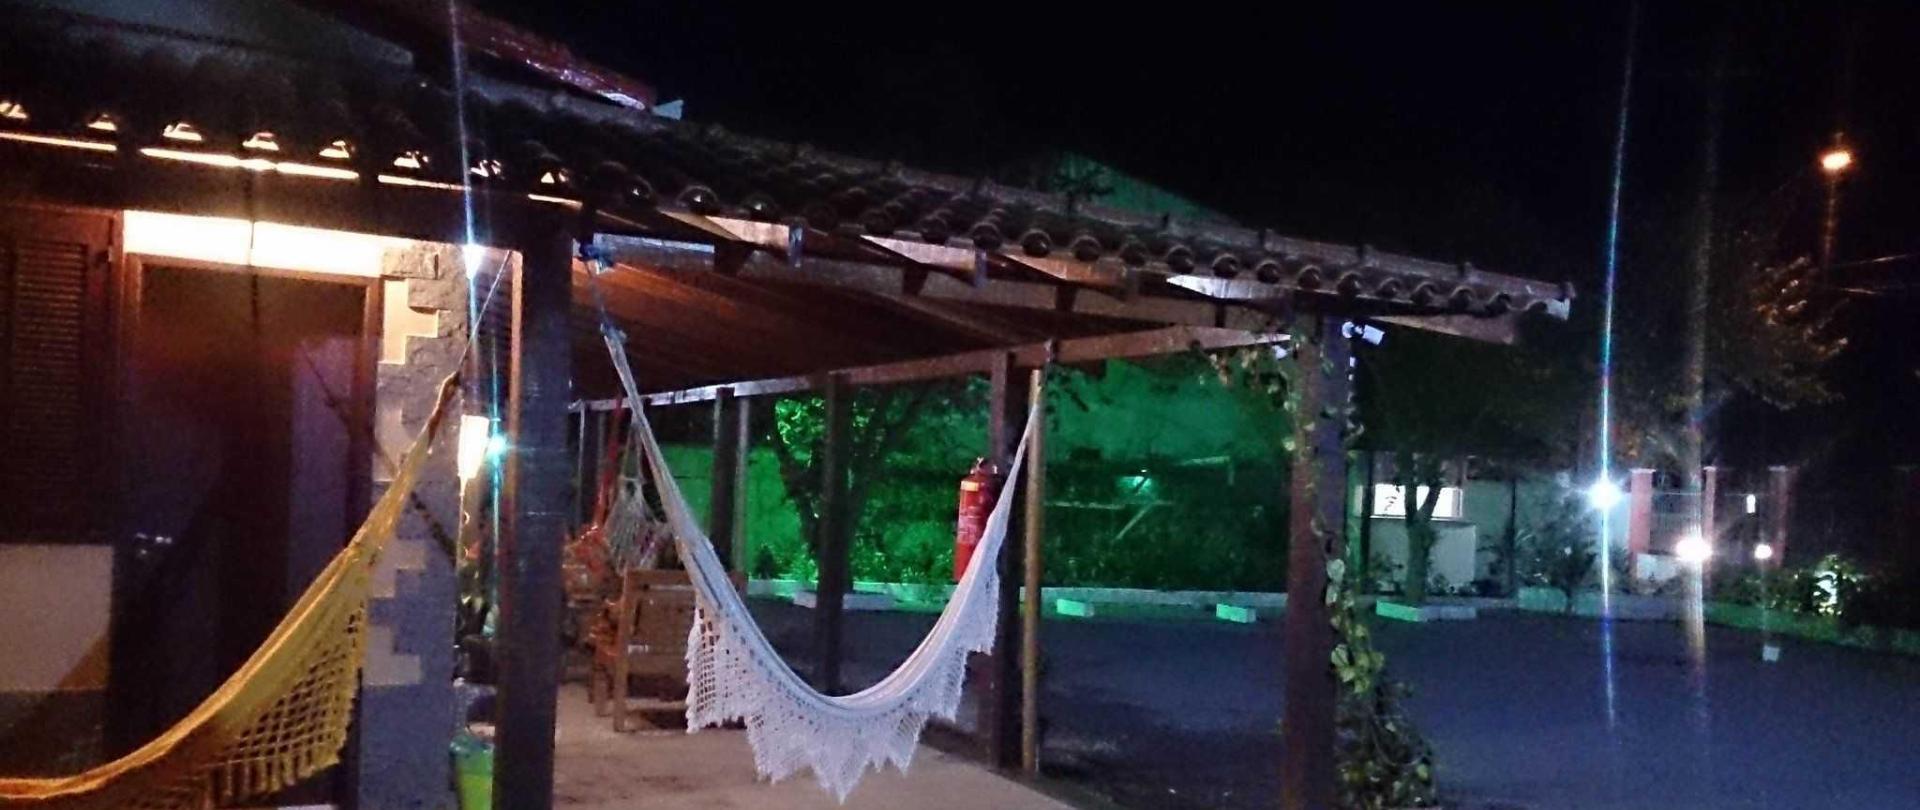 pousada-noite-4.jpg